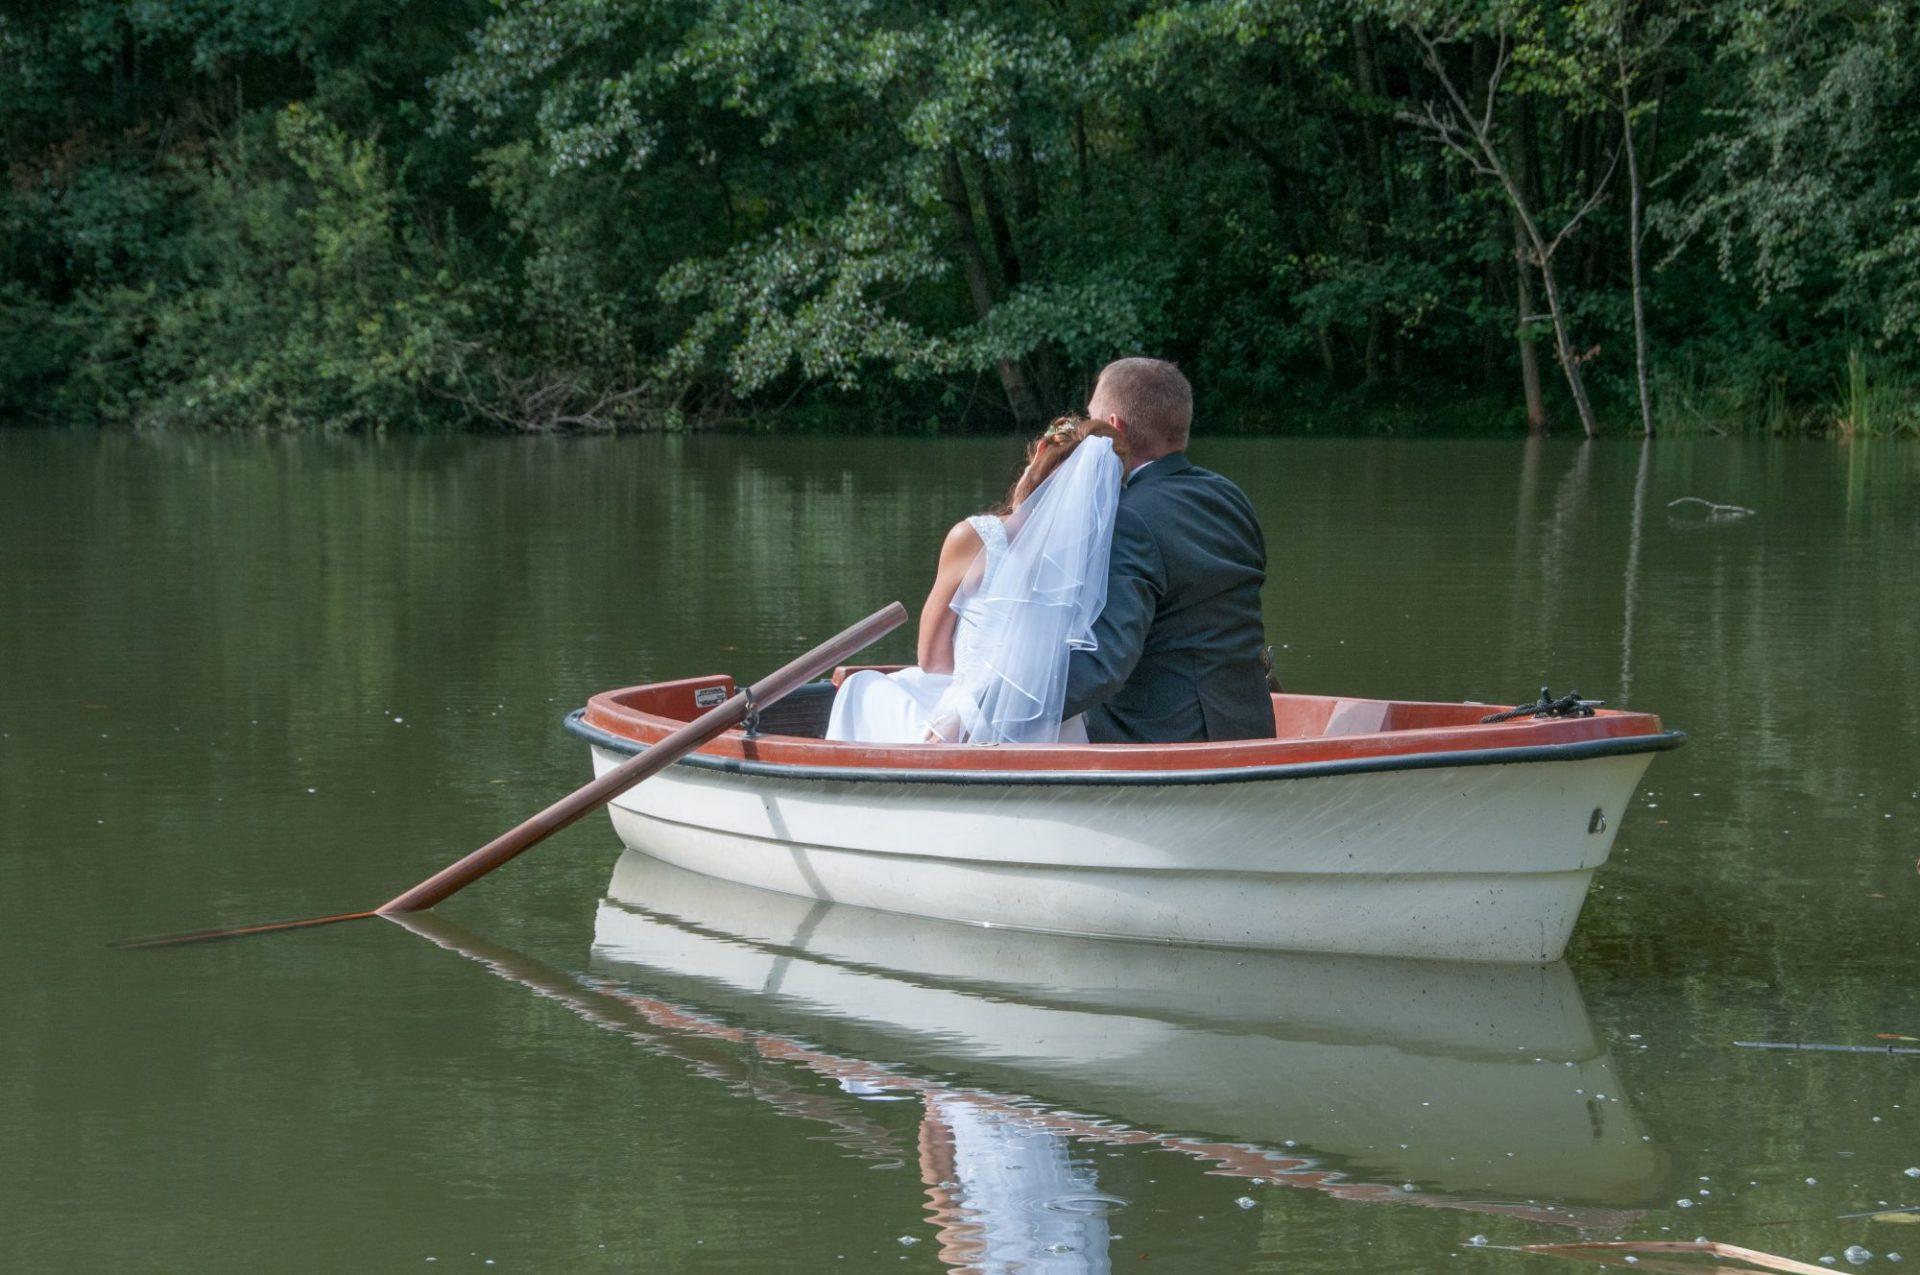 gemeinsam im Ruderboot